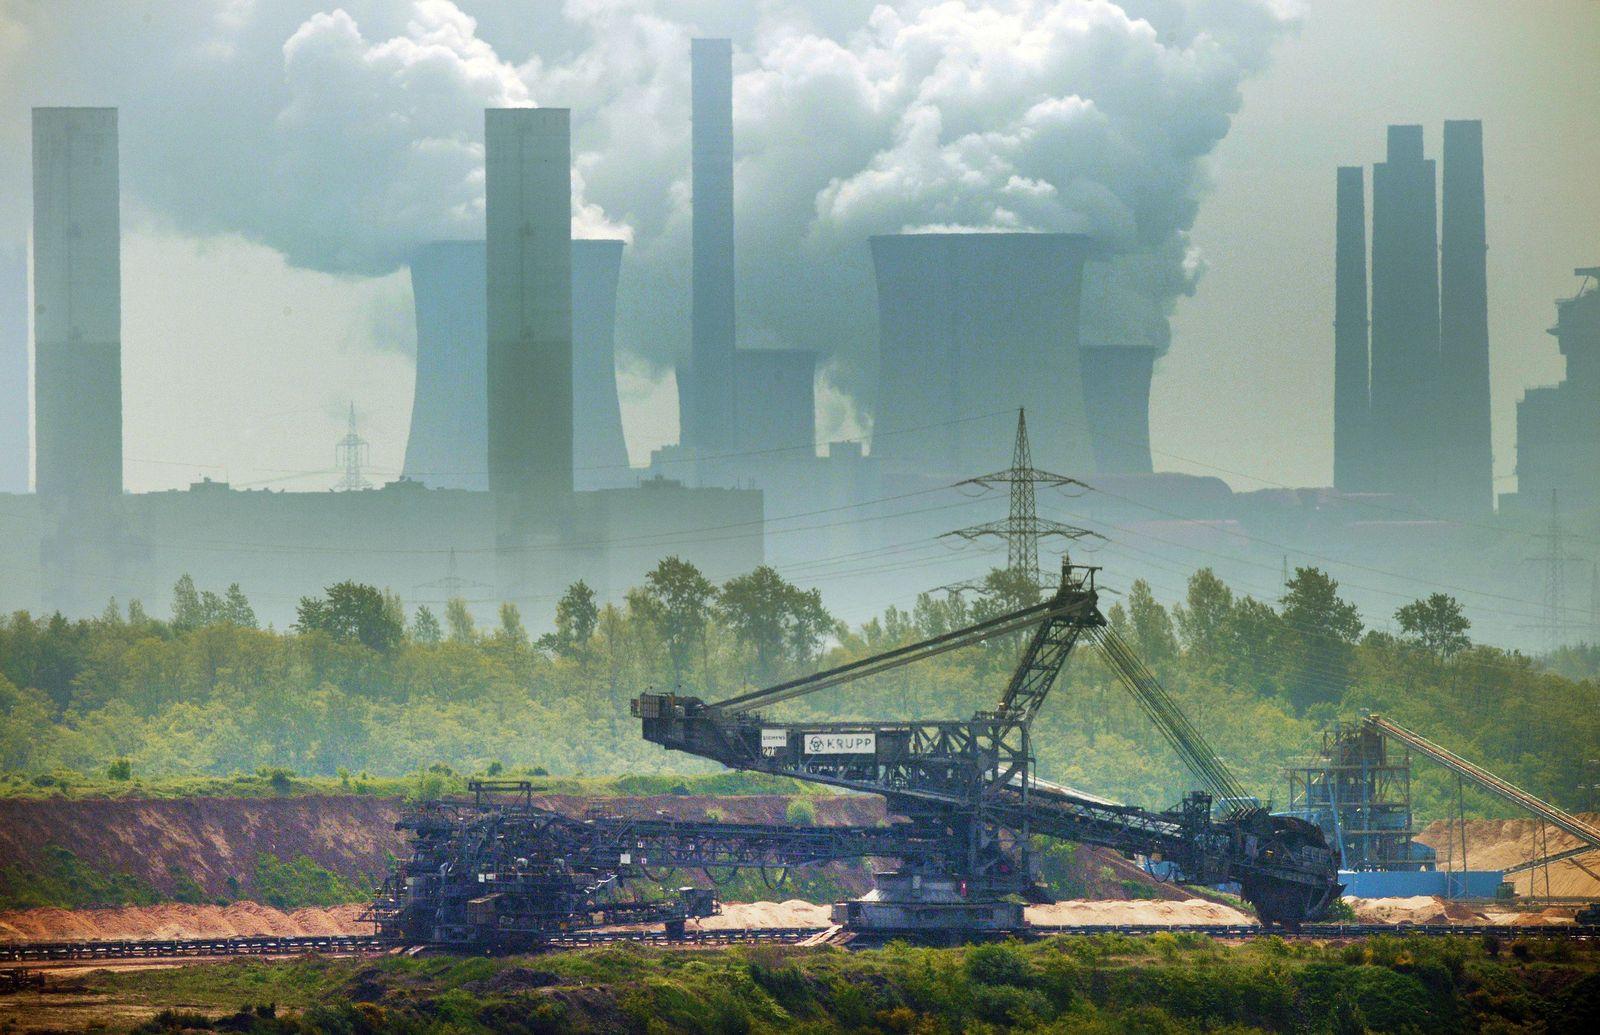 DER SPIEGEL 23/2013 S. 44 SPIN Lignite Mining